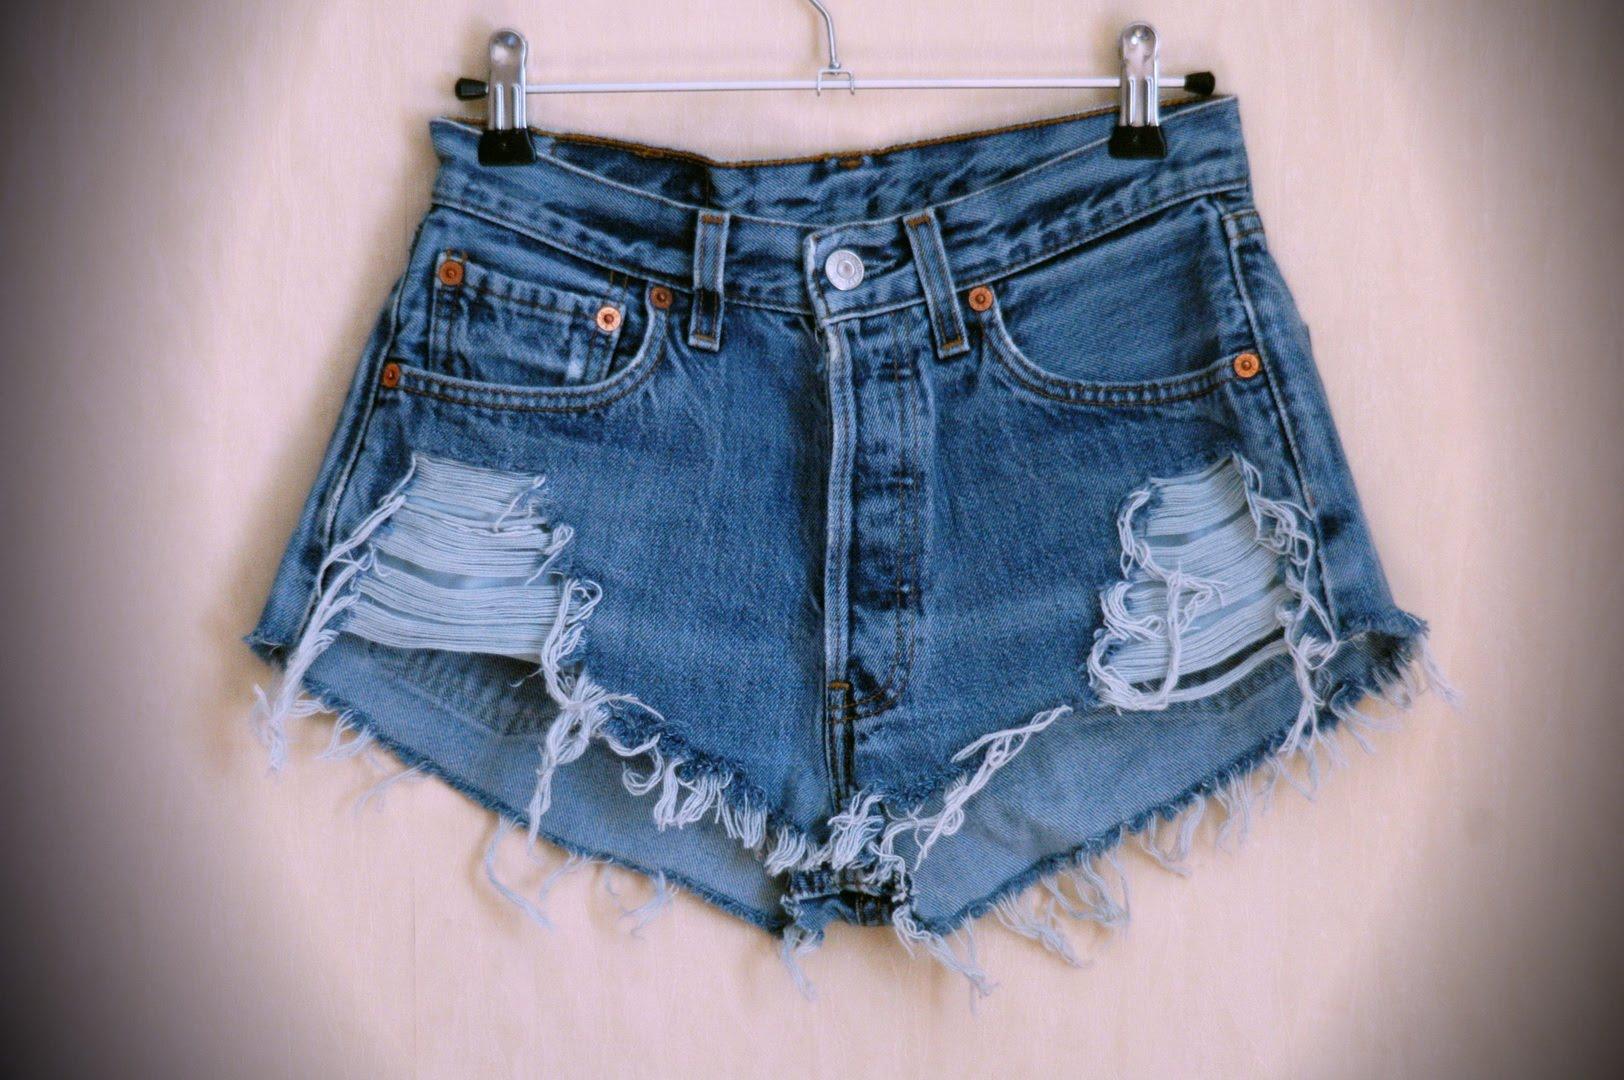 Как сделать из джинс модные рваные джинсы своими руками